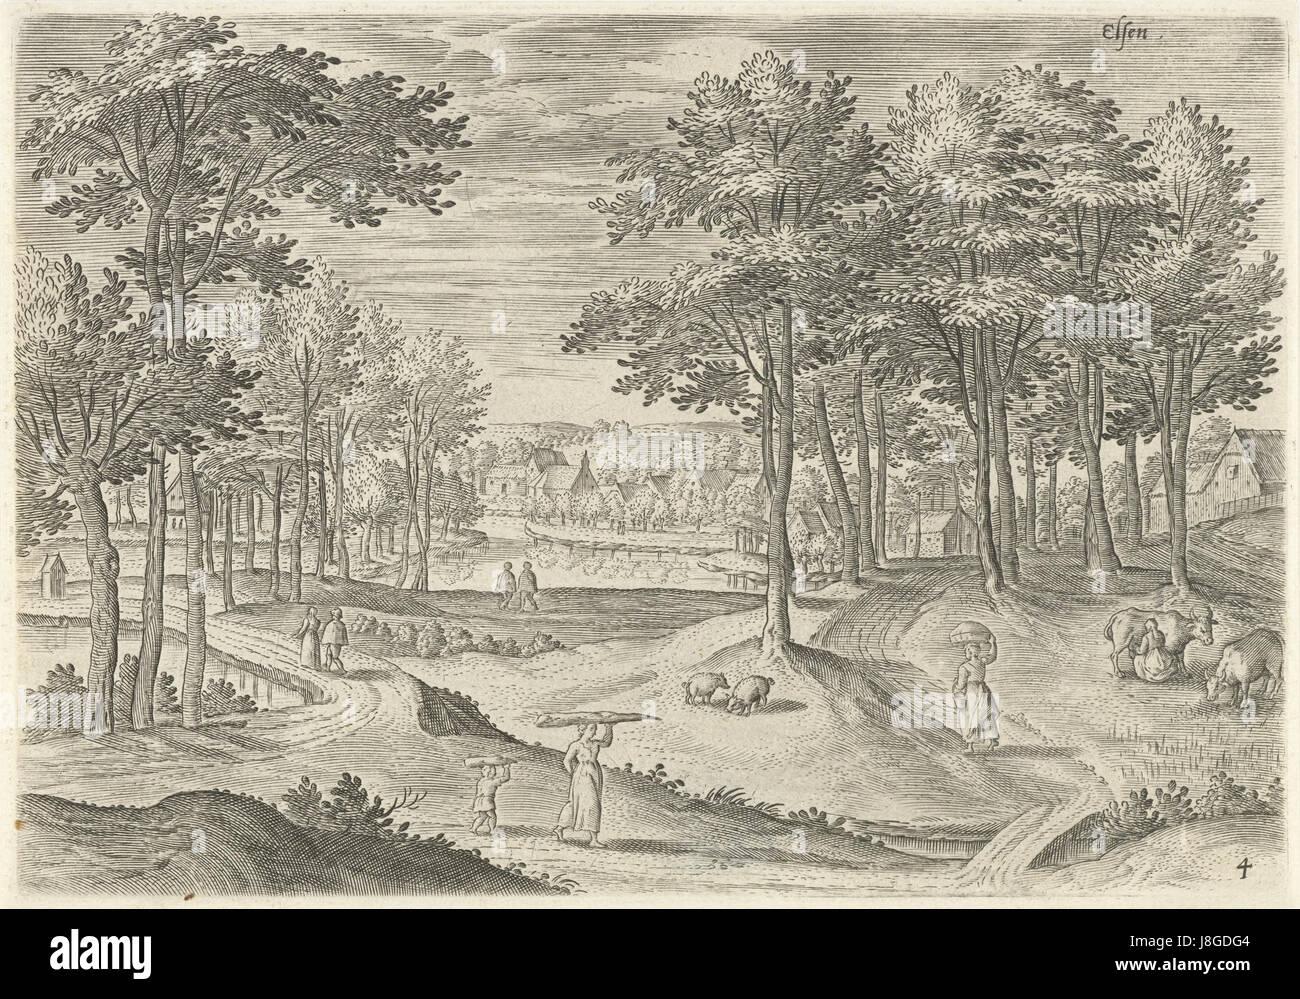 Gezicht op Elsene, Hans Collaert (I), naar Hans Bol, Jacob Grimmer, 1530   1580 - Stock Image